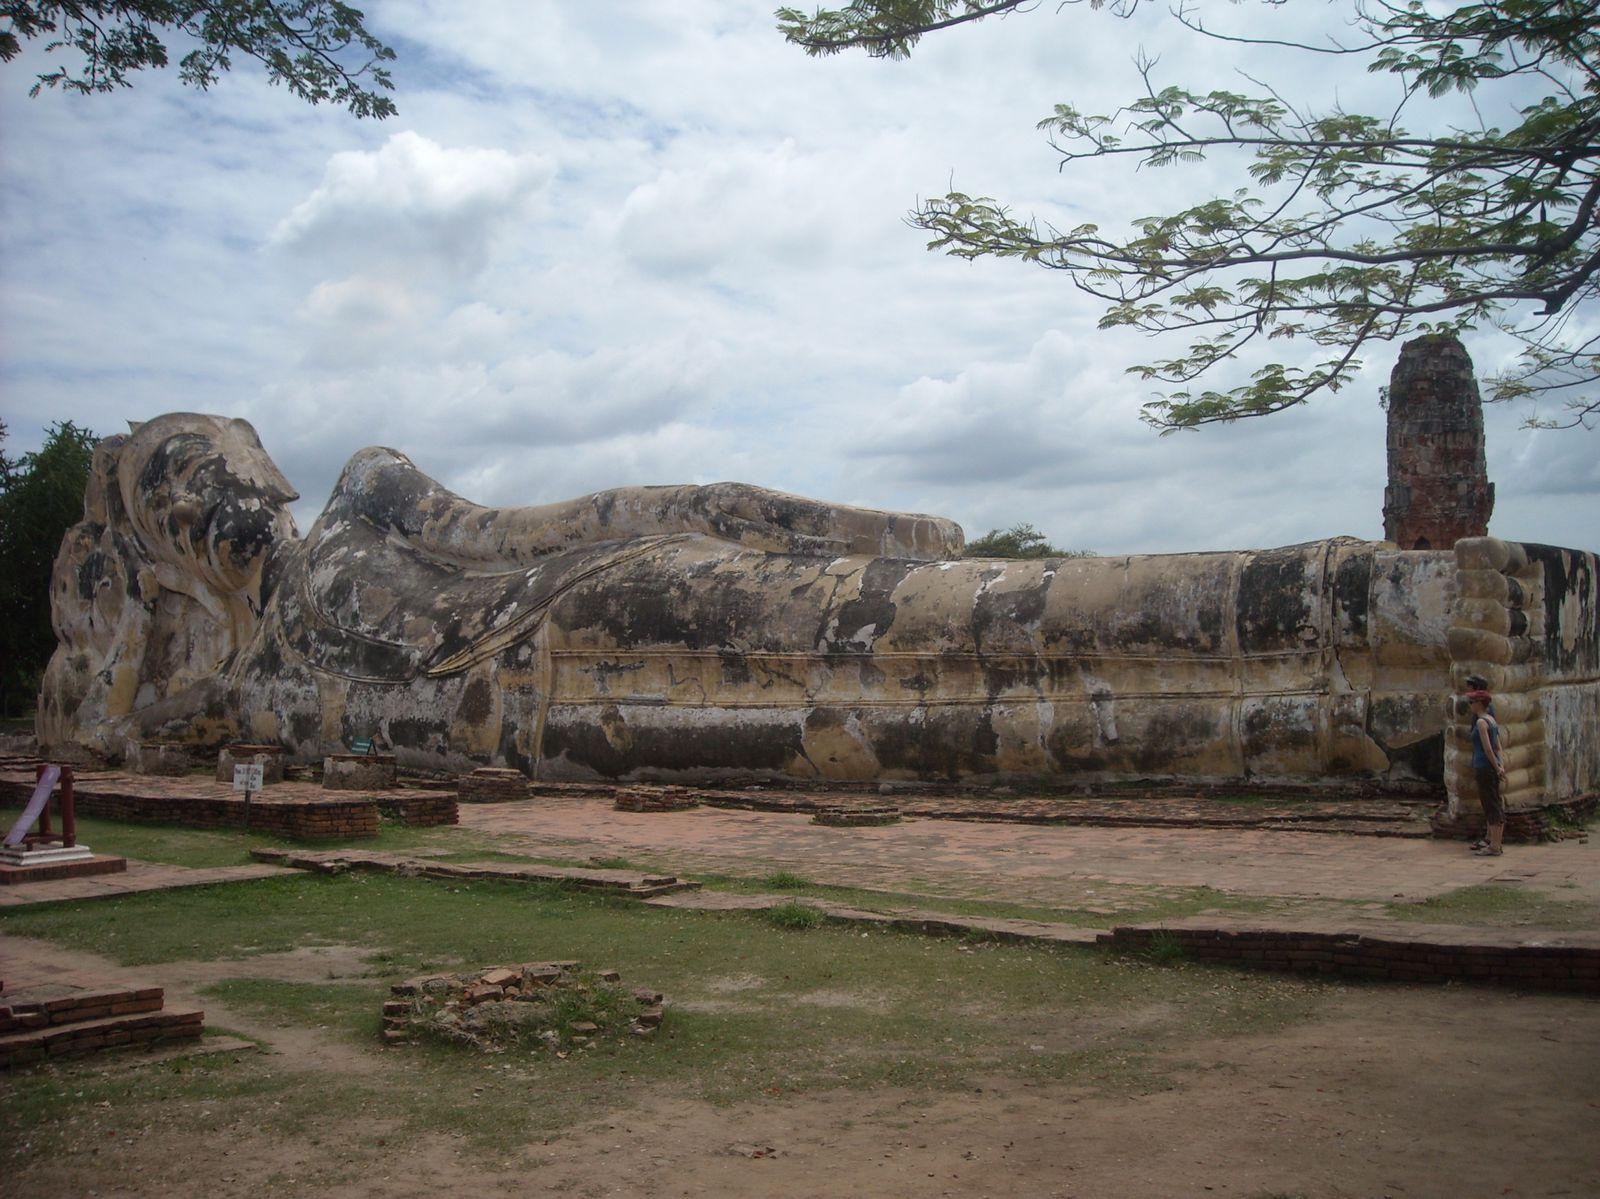 Temples et ruines partout - Toilettes pour femmes et chat - Pixellized me